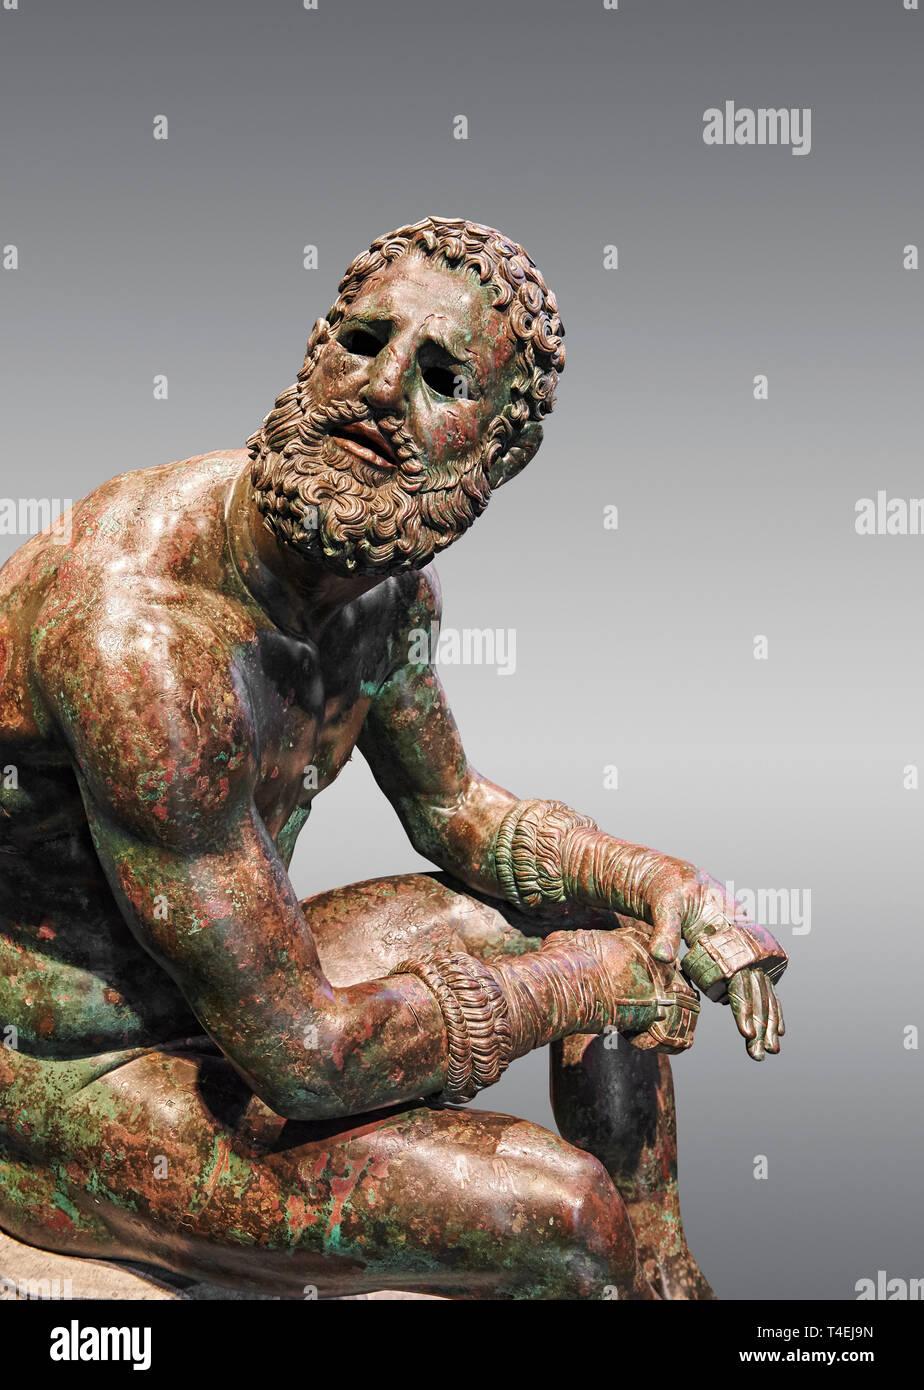 Raro griego original estatua de bronce de un atleta después de un combate de boxeo, un 1% BC. El atleta, sentado sobre una roca, está descansando después de un combate de boxeo Imagen De Stock